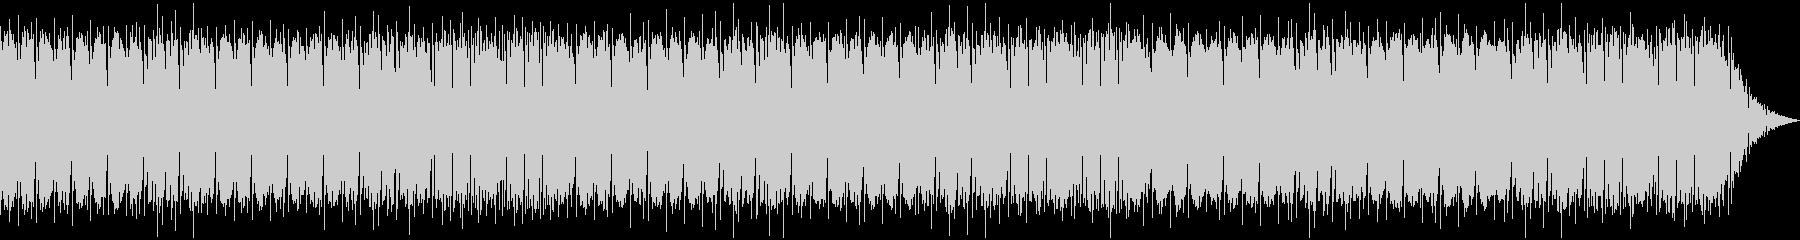 温かいケルト音楽の未再生の波形